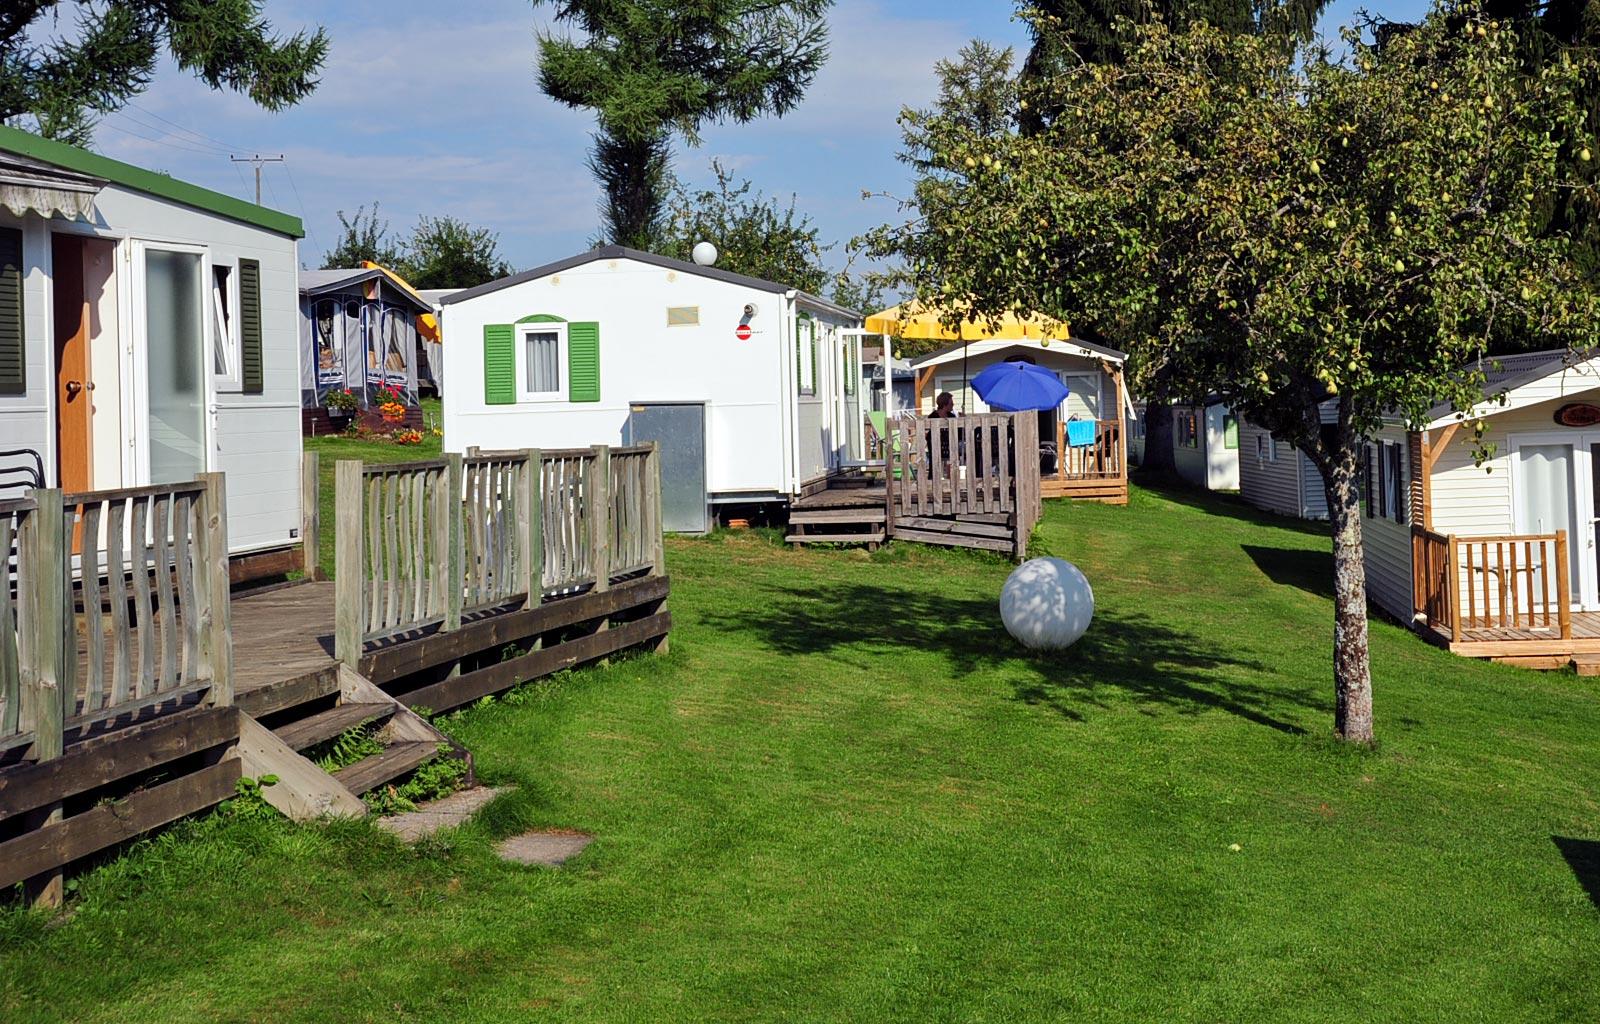 Campingplätze: Camping-Schwarzwaldhorn